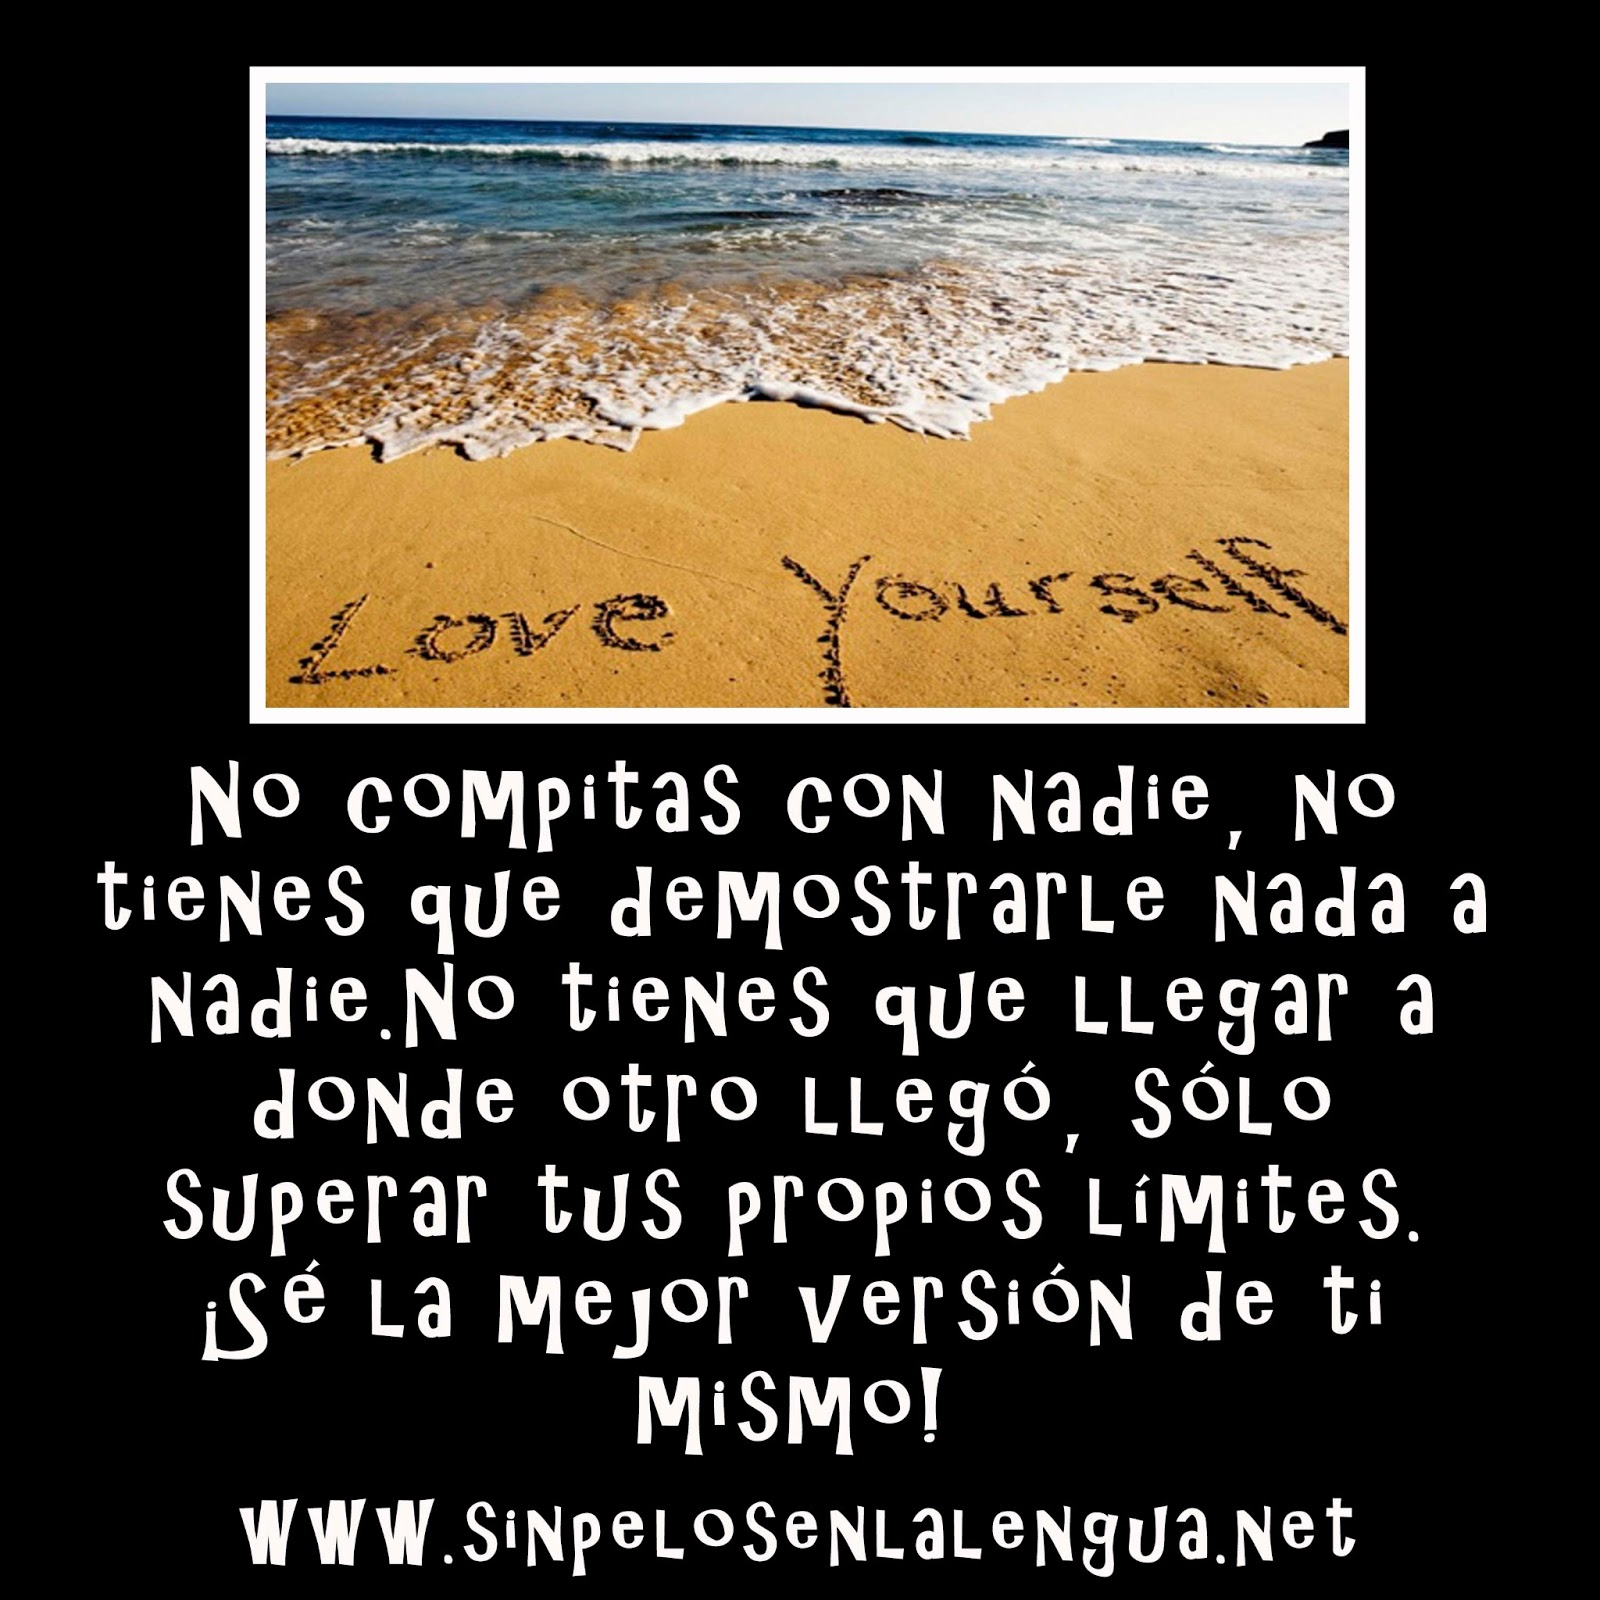 Superación Personal - www.MejoraTuPersona.com